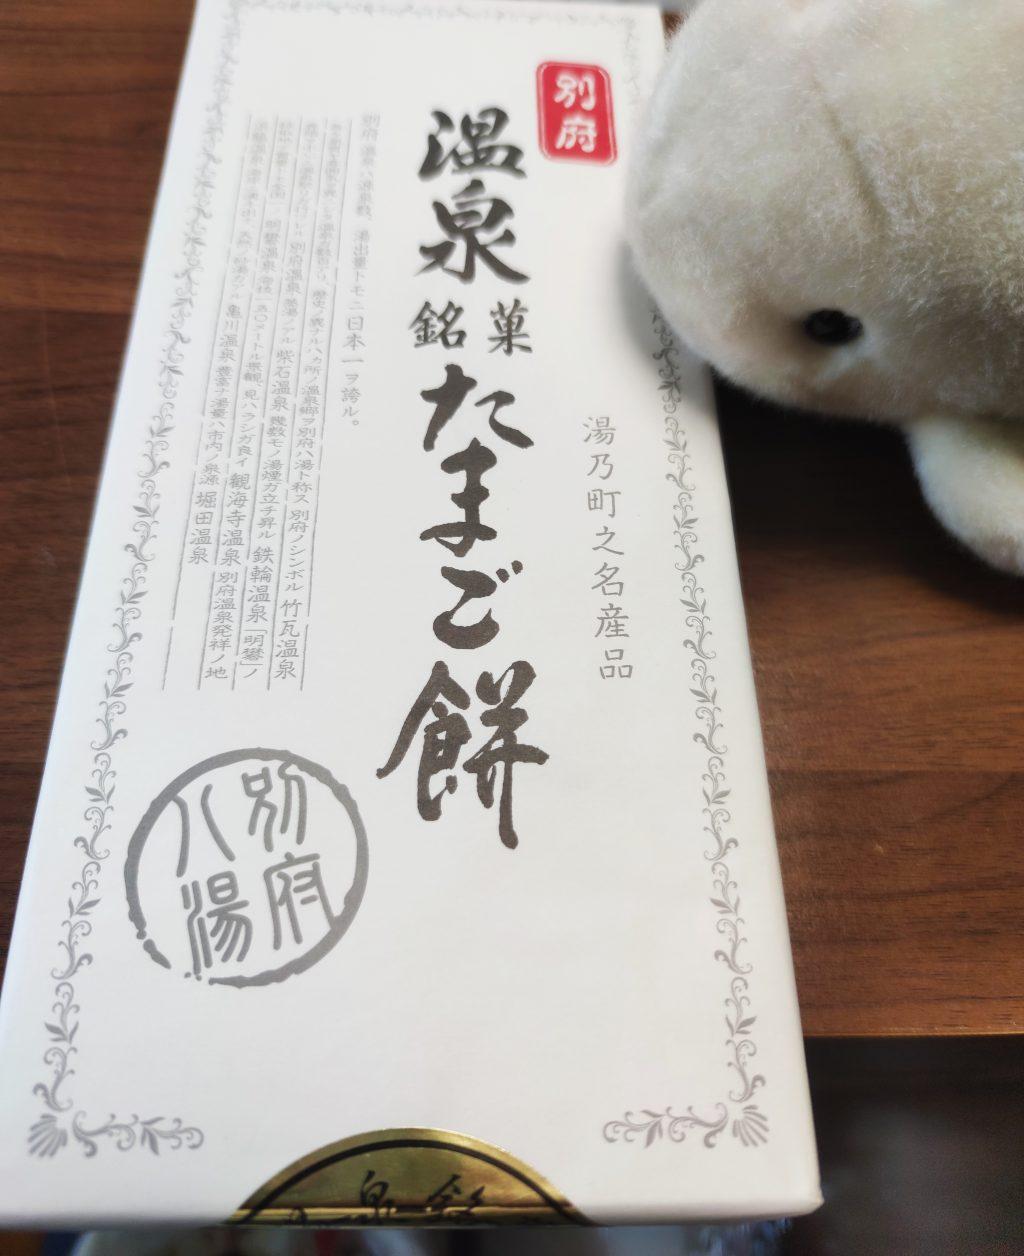 【別府温泉銘菓たまご餅】お土産レビュー コスパ◎美味しい大福餅